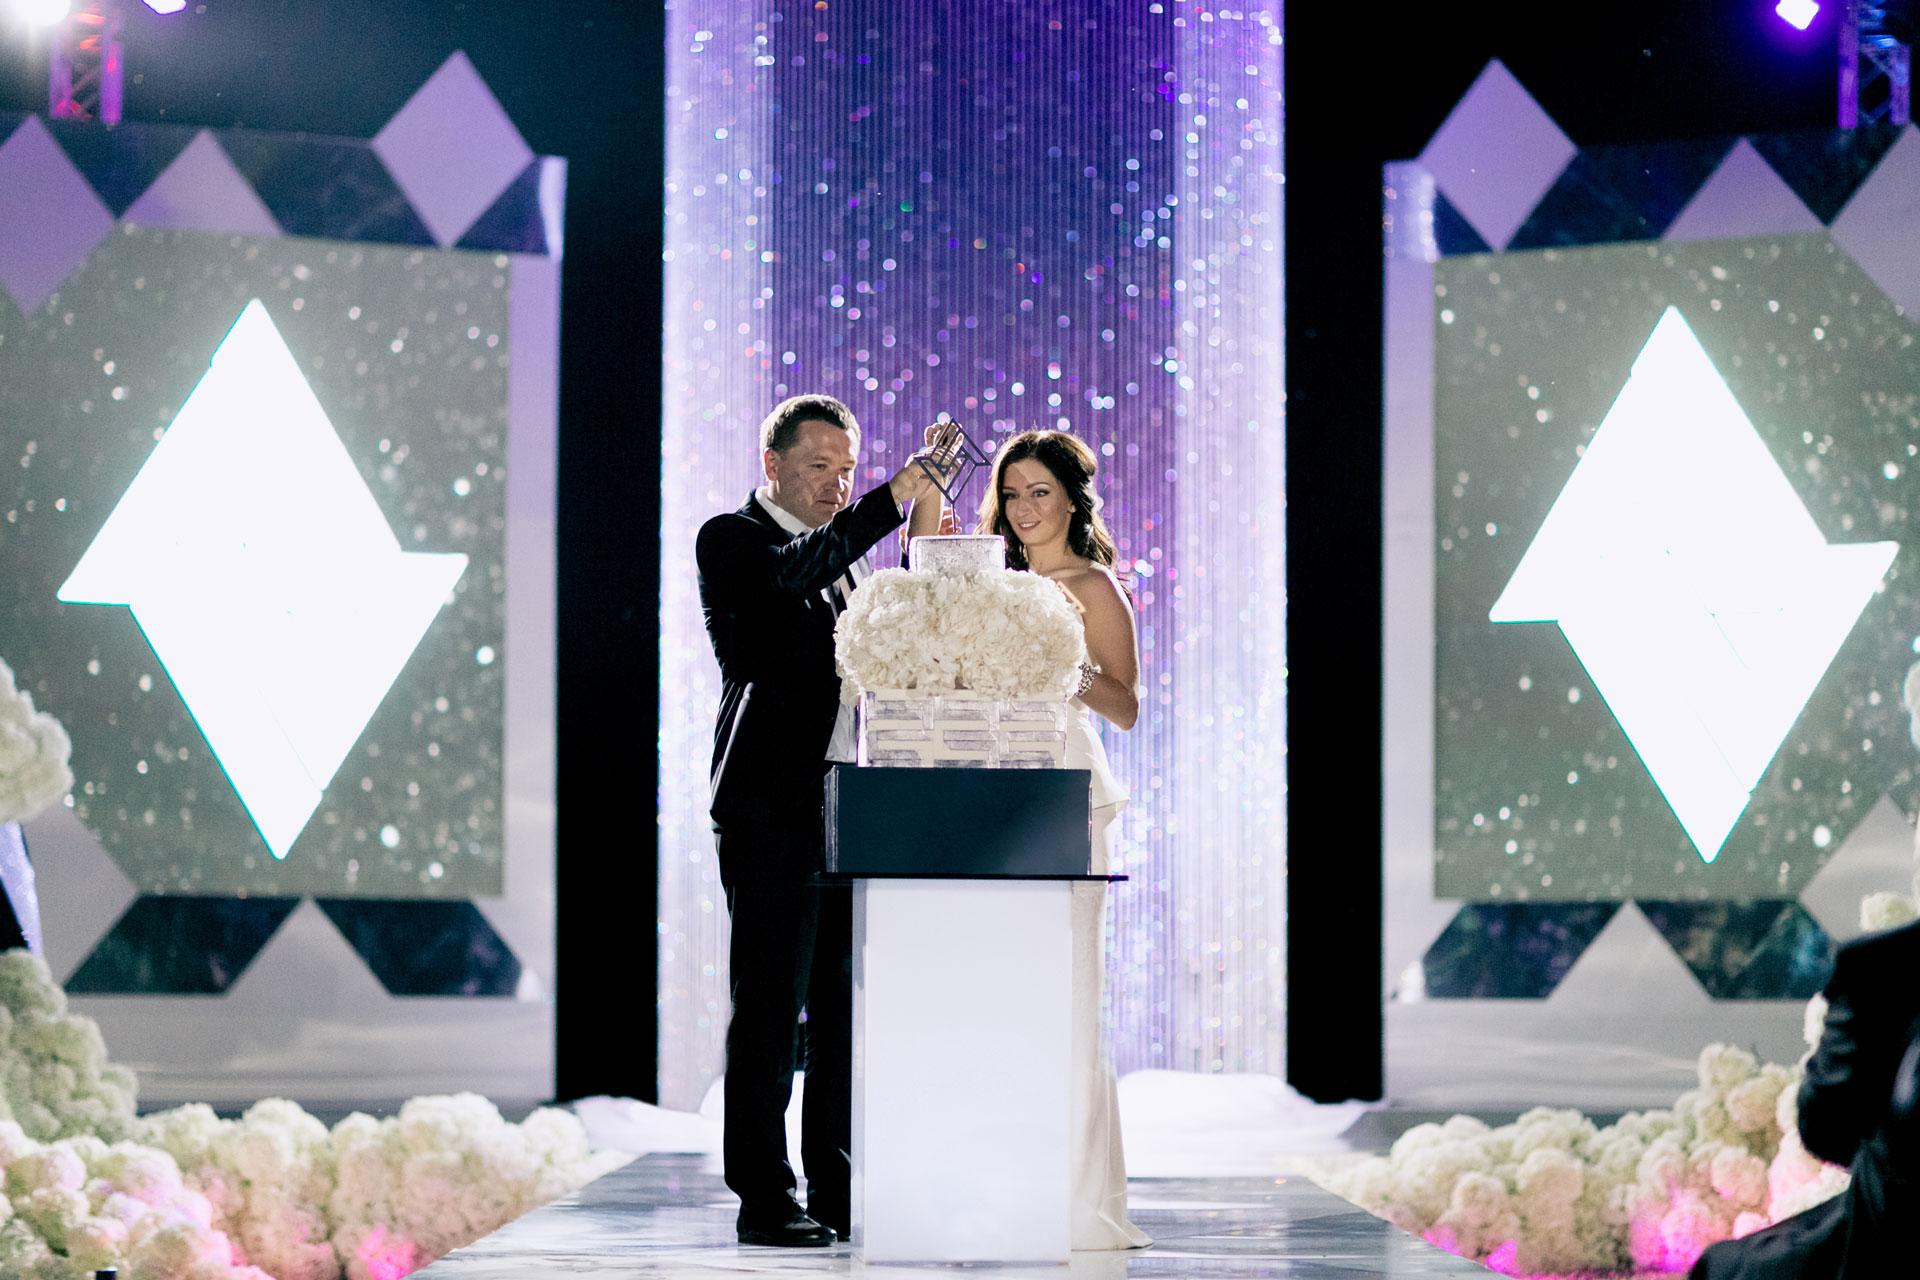 В отражении друг друга. Свадьба Андрея и Алины фото 18